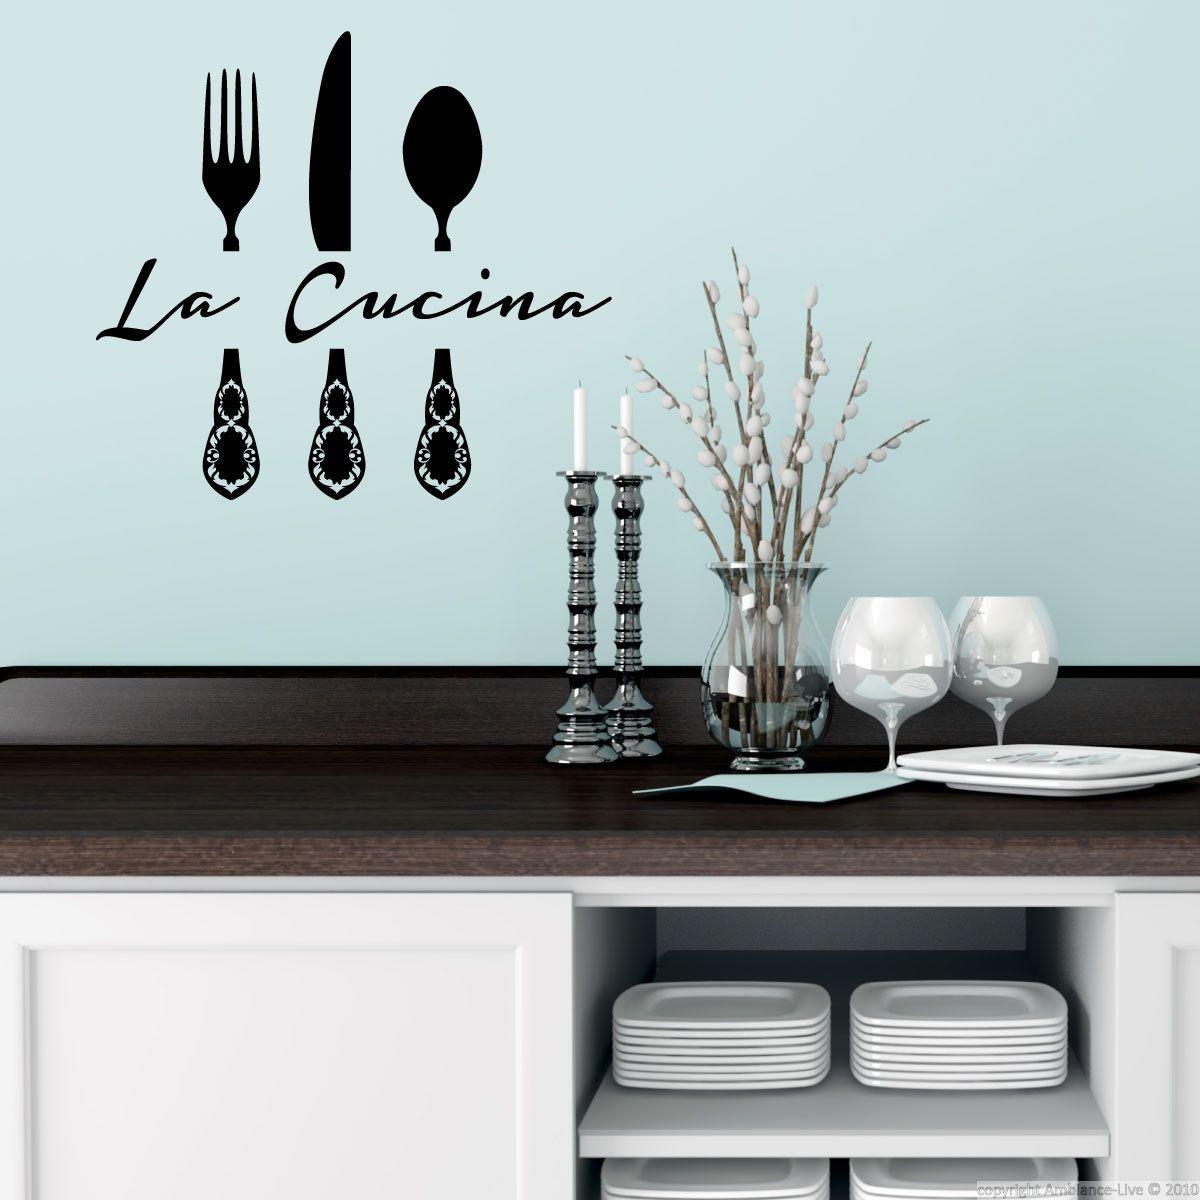 stickers muraux pour la cuisine sticker la cucina 2 ambiance stickercom